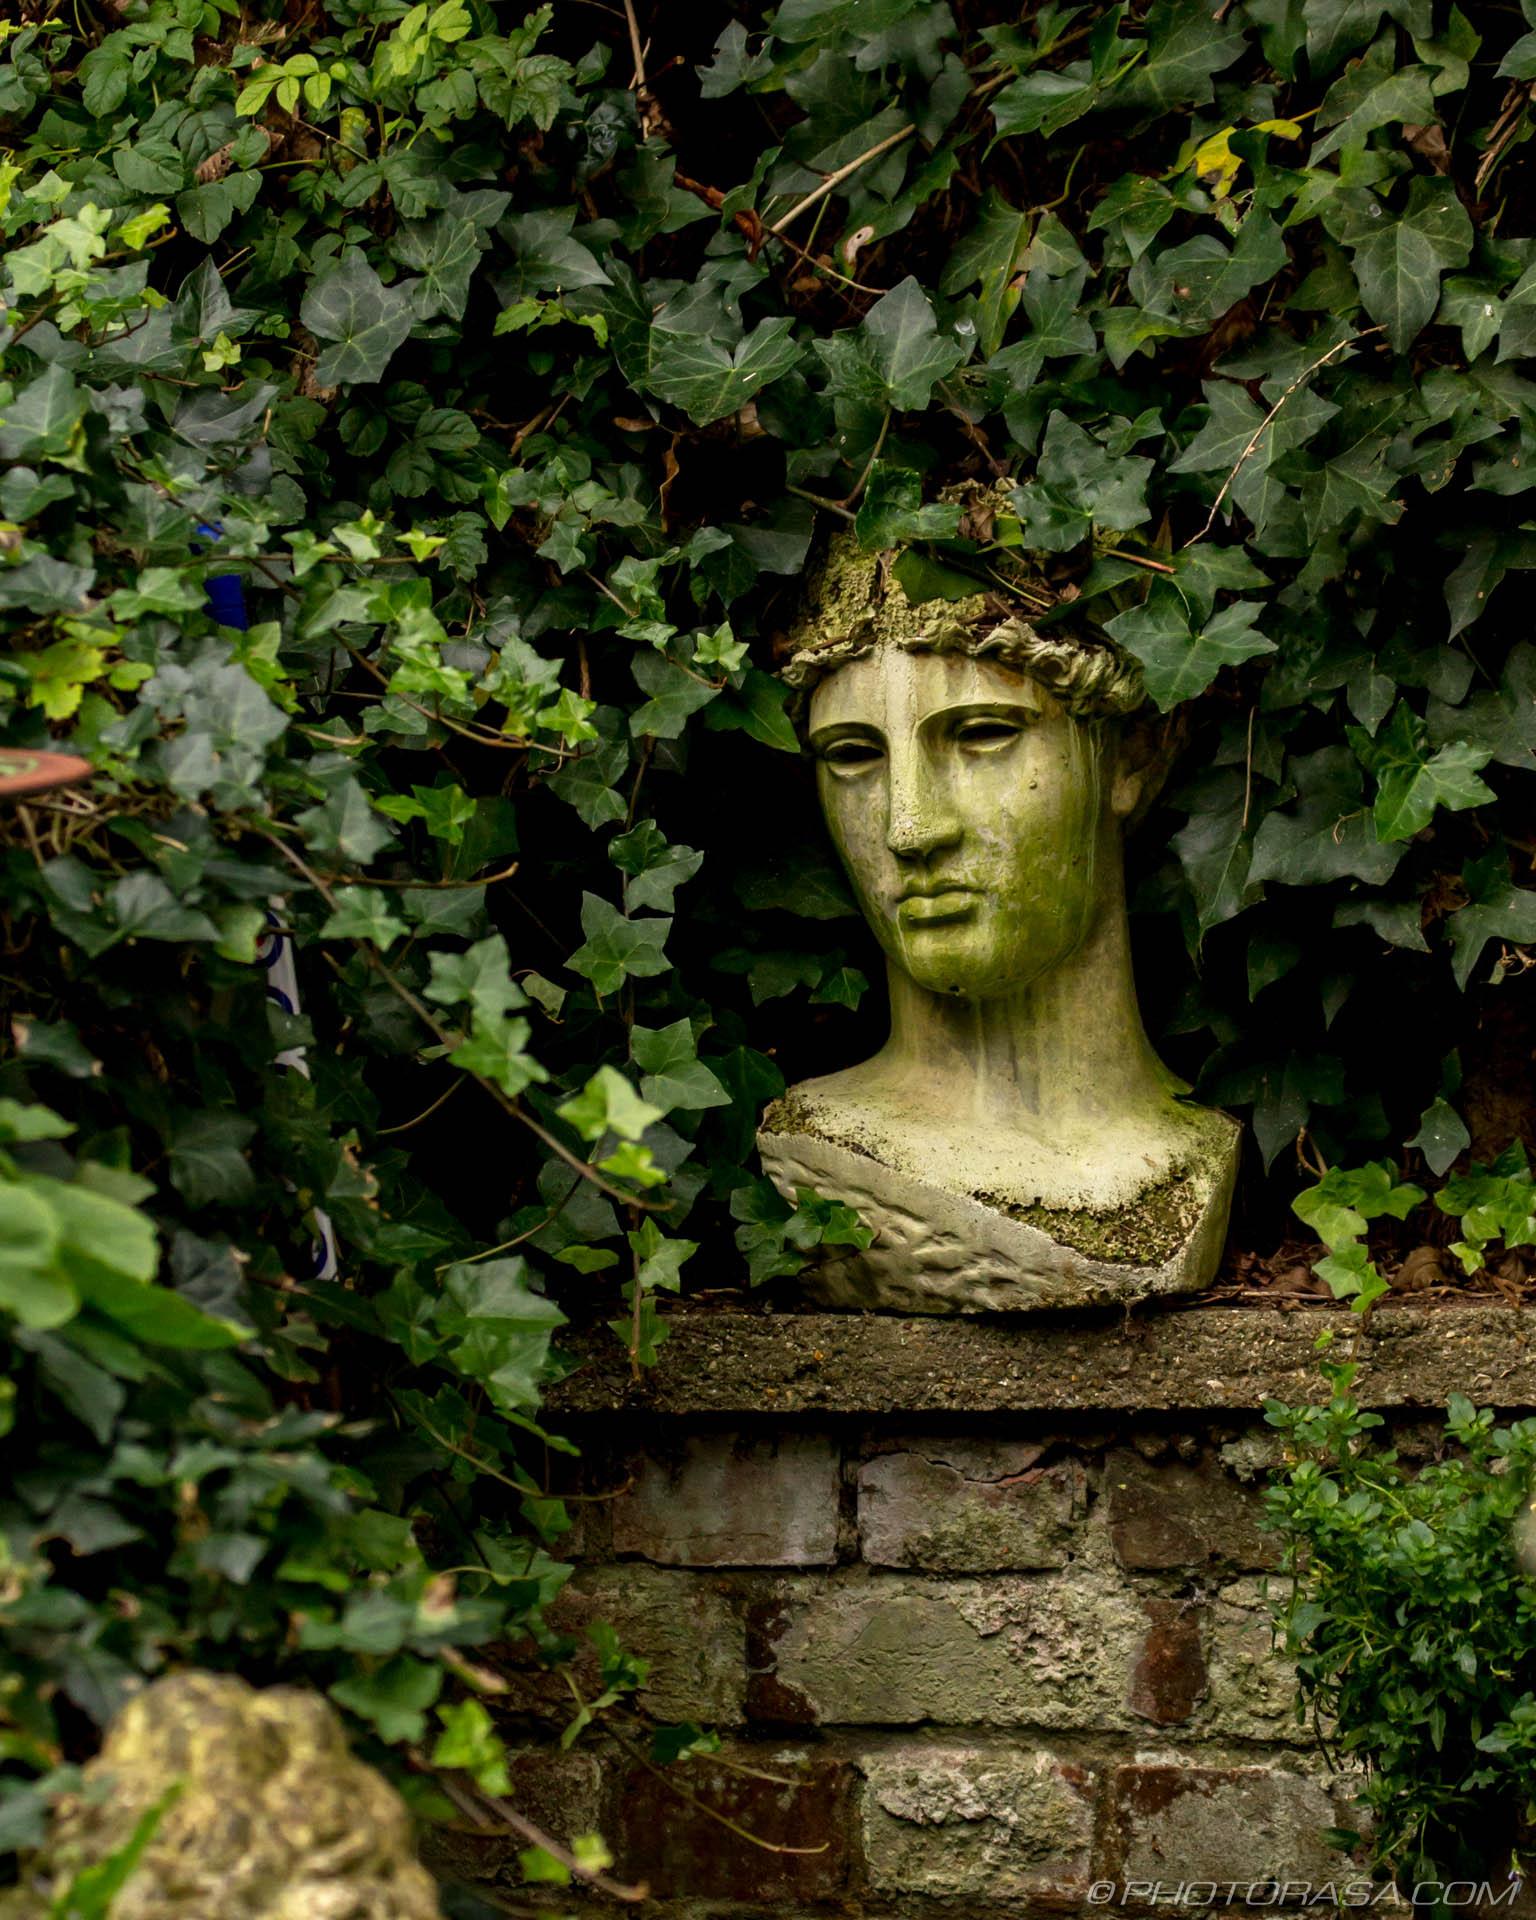 http://photorasa.com/garden-sculptures/roman-statue-head-in-vines/